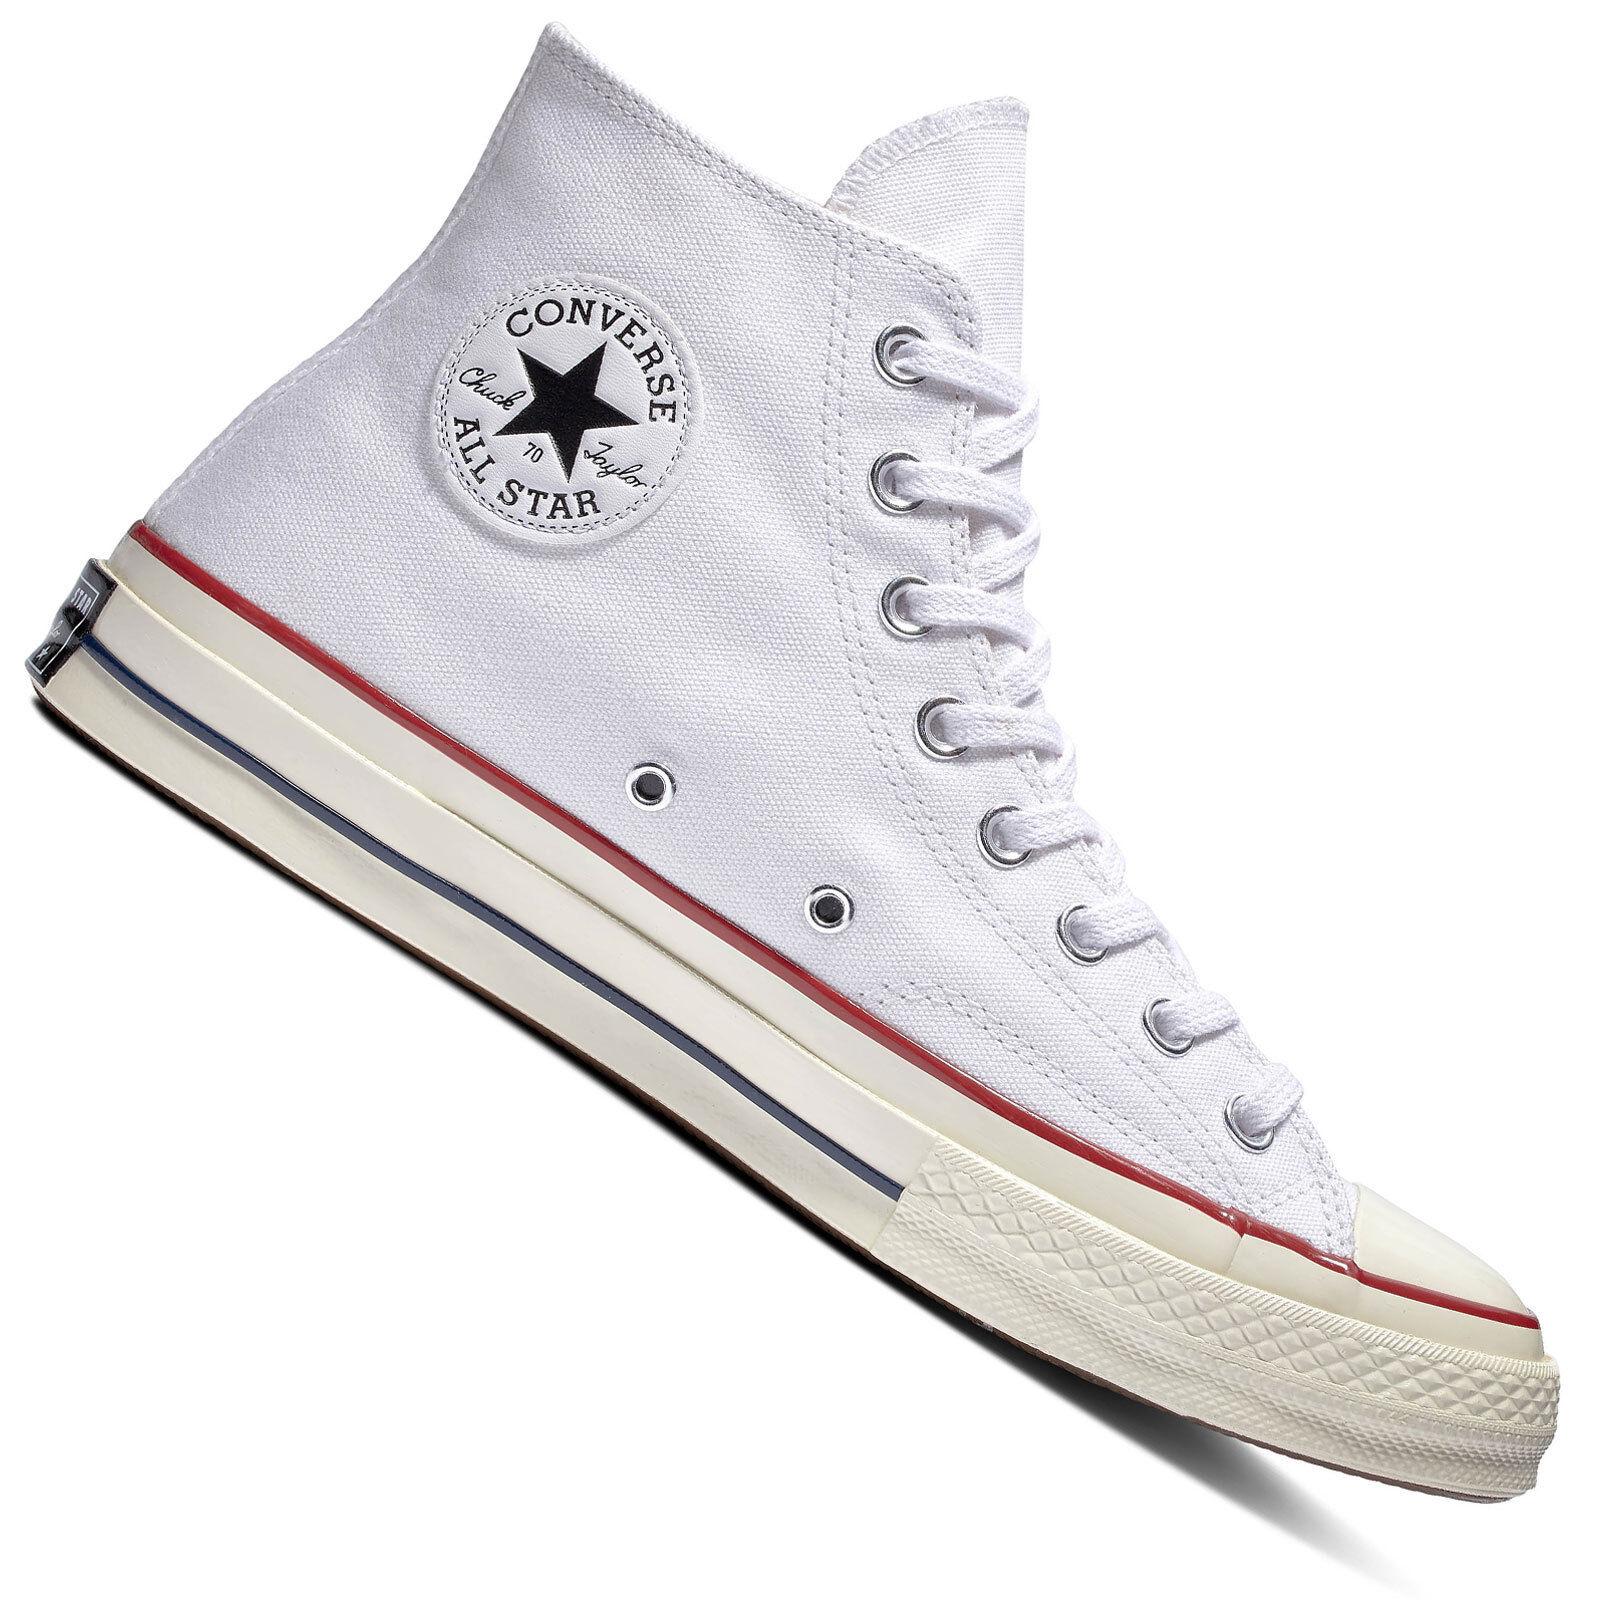 size 40 5d159 f2d3c Converse Chuck Taylor All Star Hommes 70 Baskets pour Hommes Star Chaussures  de Sport 7d52cf